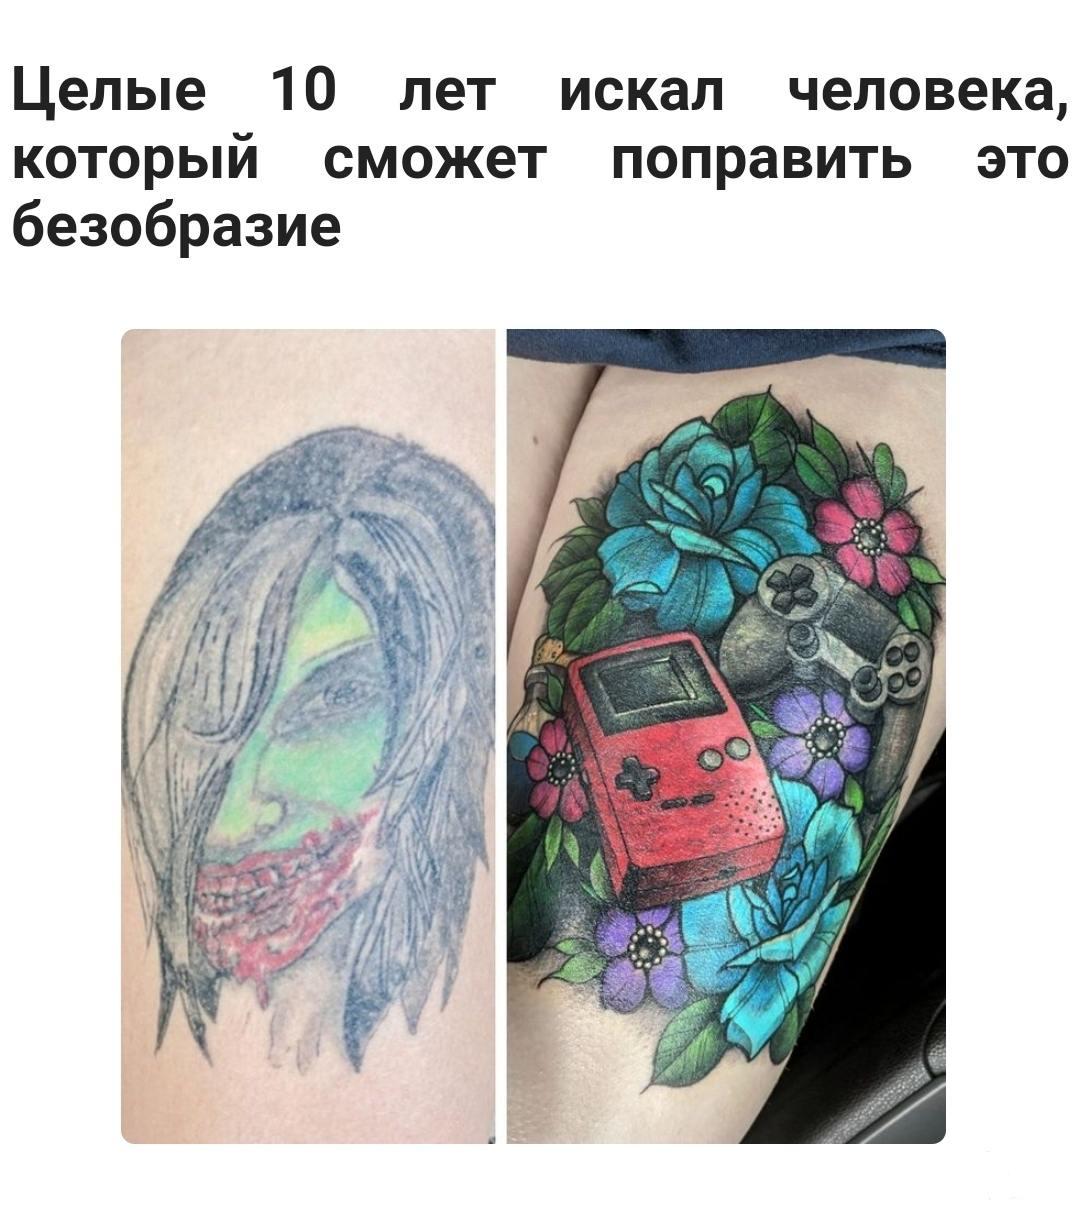 136019 - Татуировки